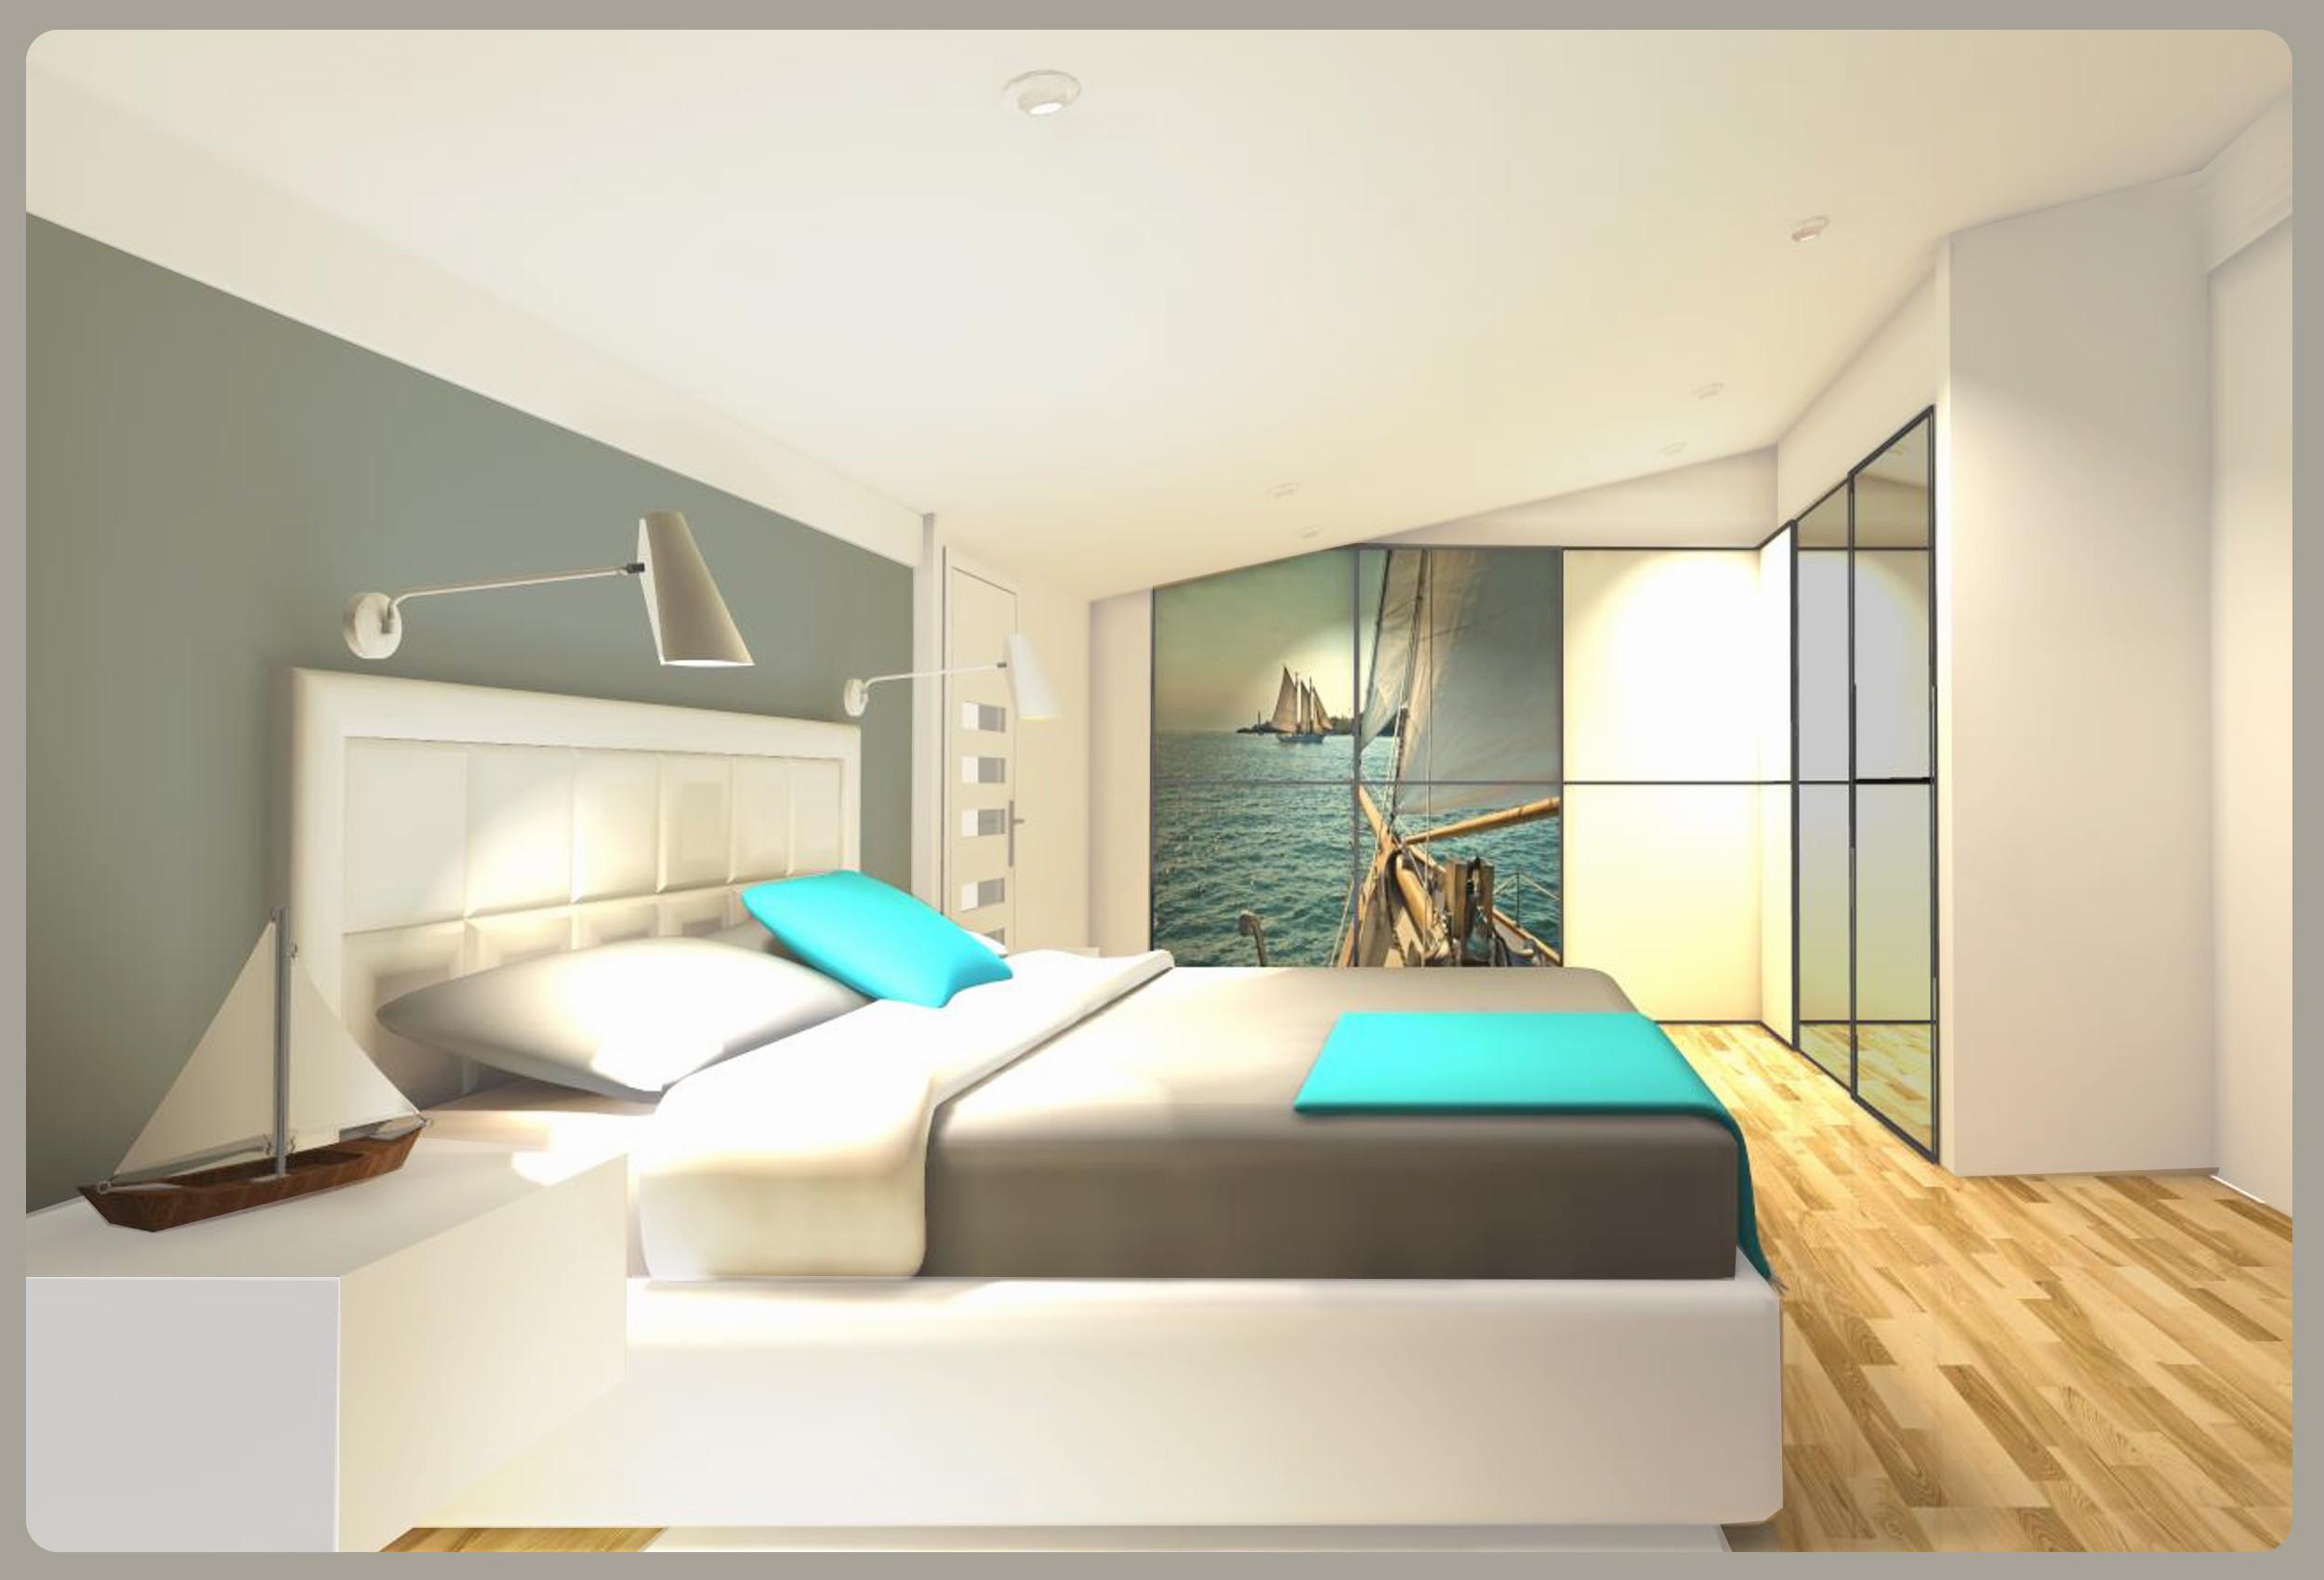 morska-sypialnia-strona-1-jpg